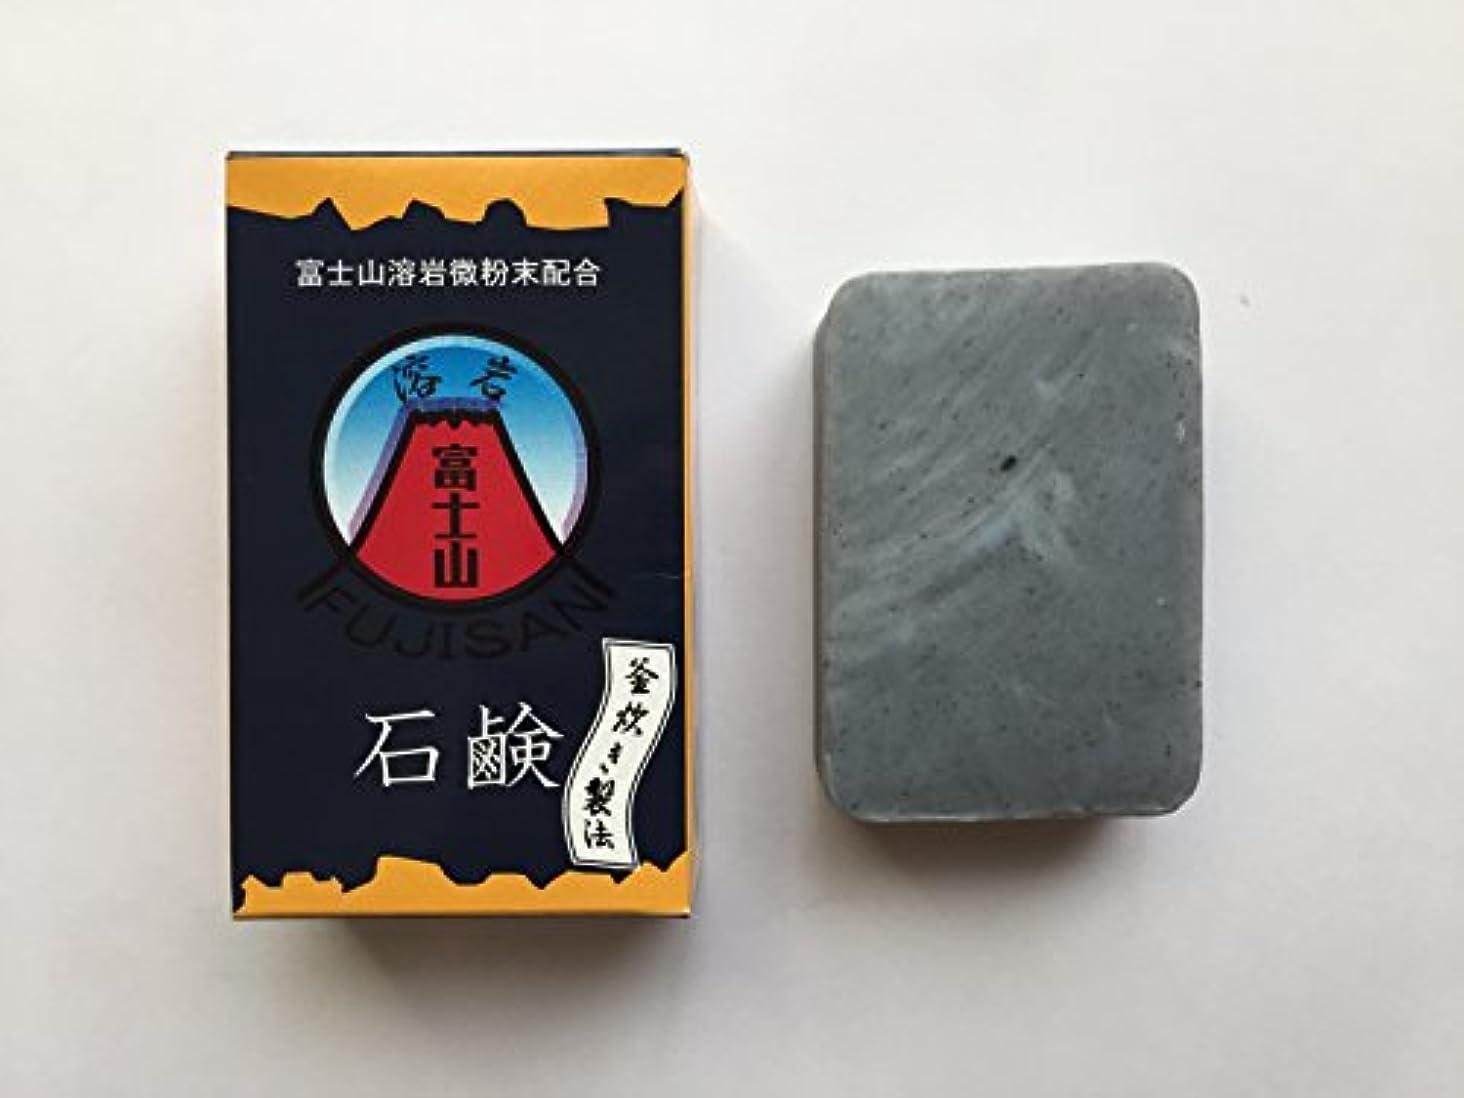 旅行者シフト歌富士山溶岩石鹸 80g/個×3個セット